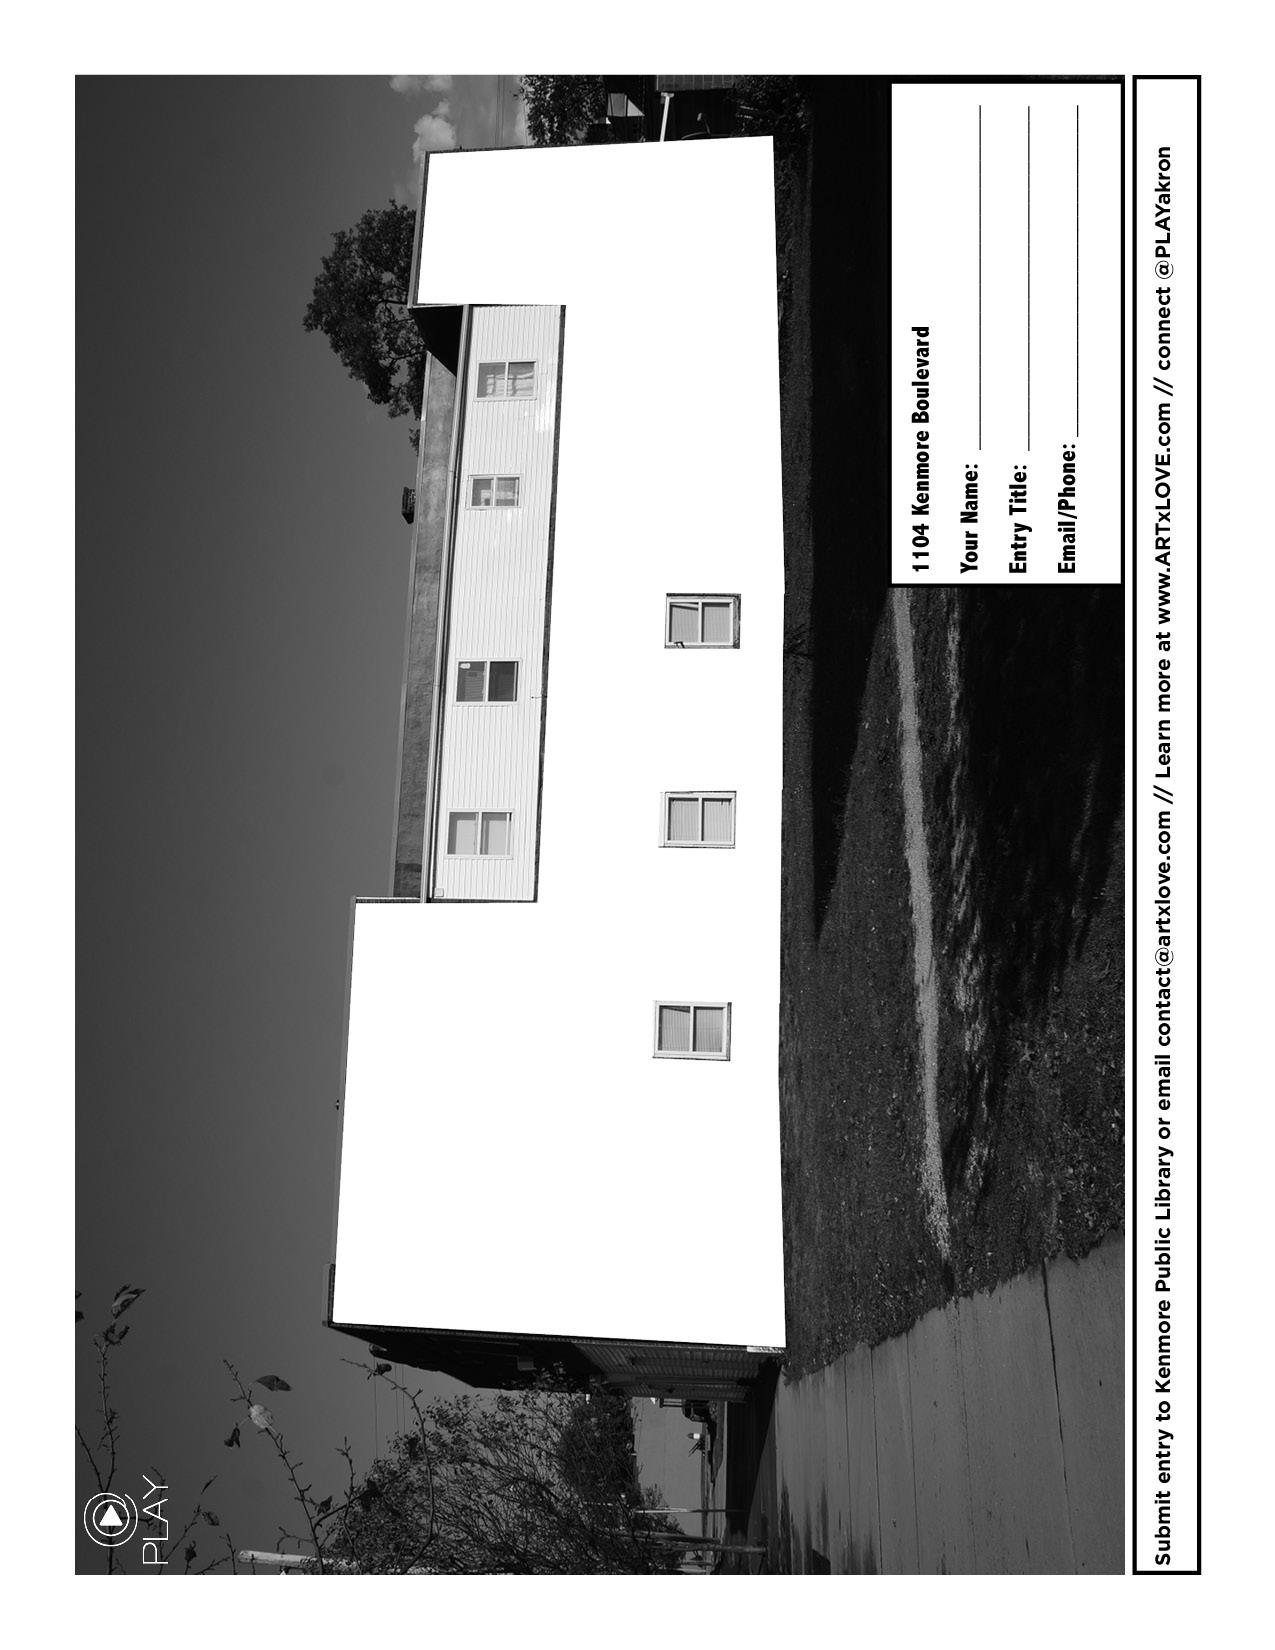 ARTxLOVE_Kenmore-Imagineer_coloring-book_final11.jpg